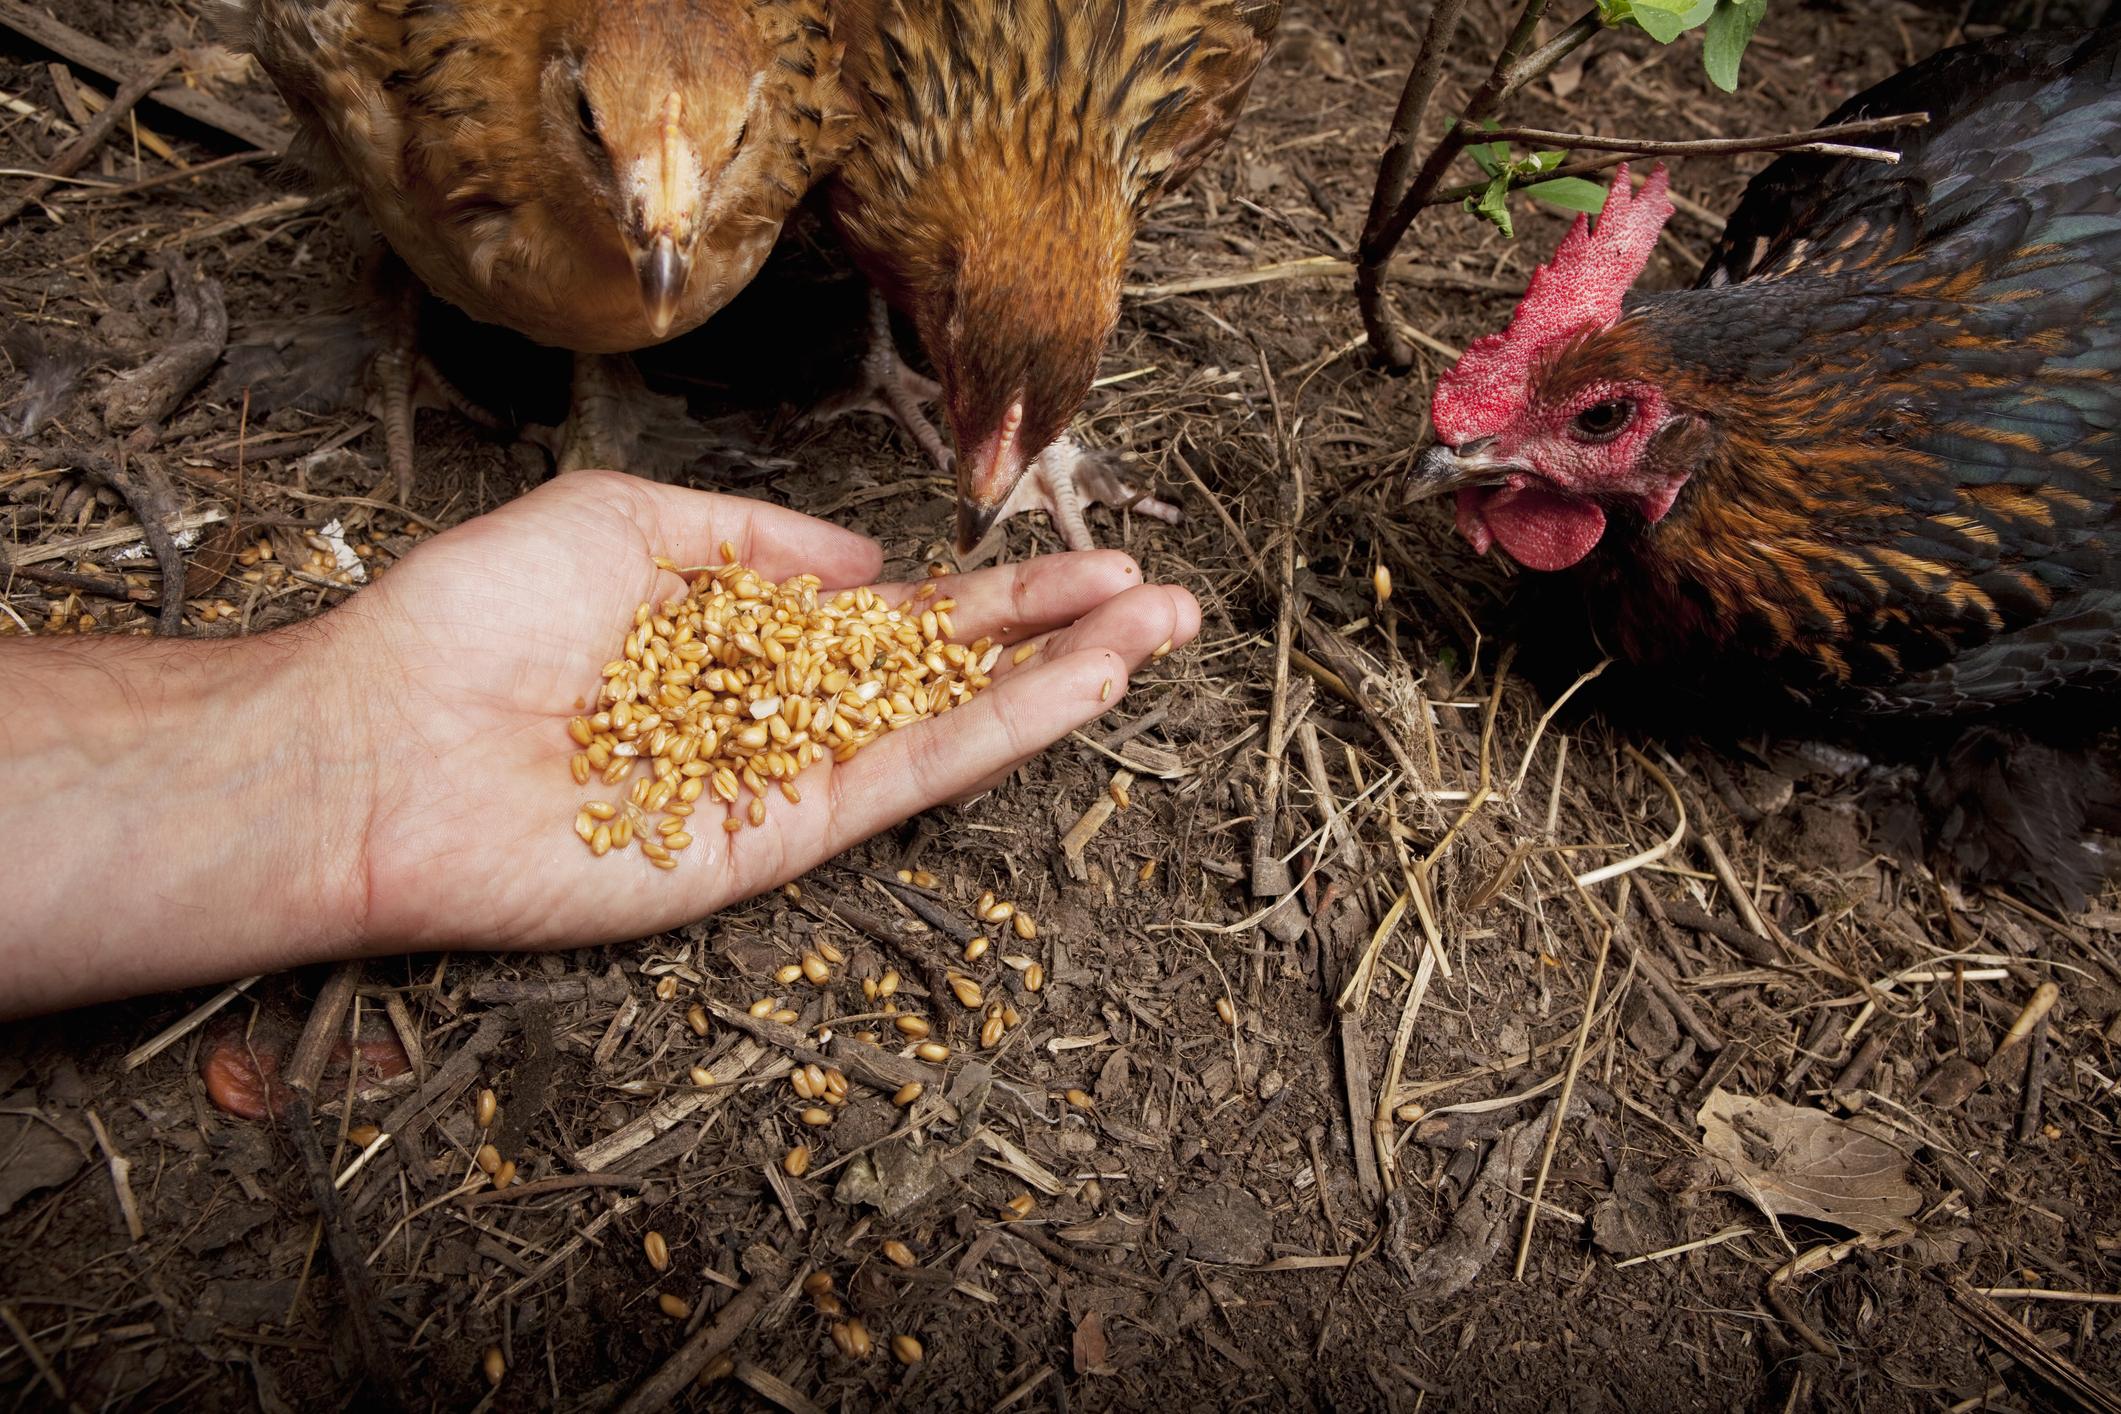 Чем кормить кур несушек, чтобы лучше неслись - лучшая инструкция!